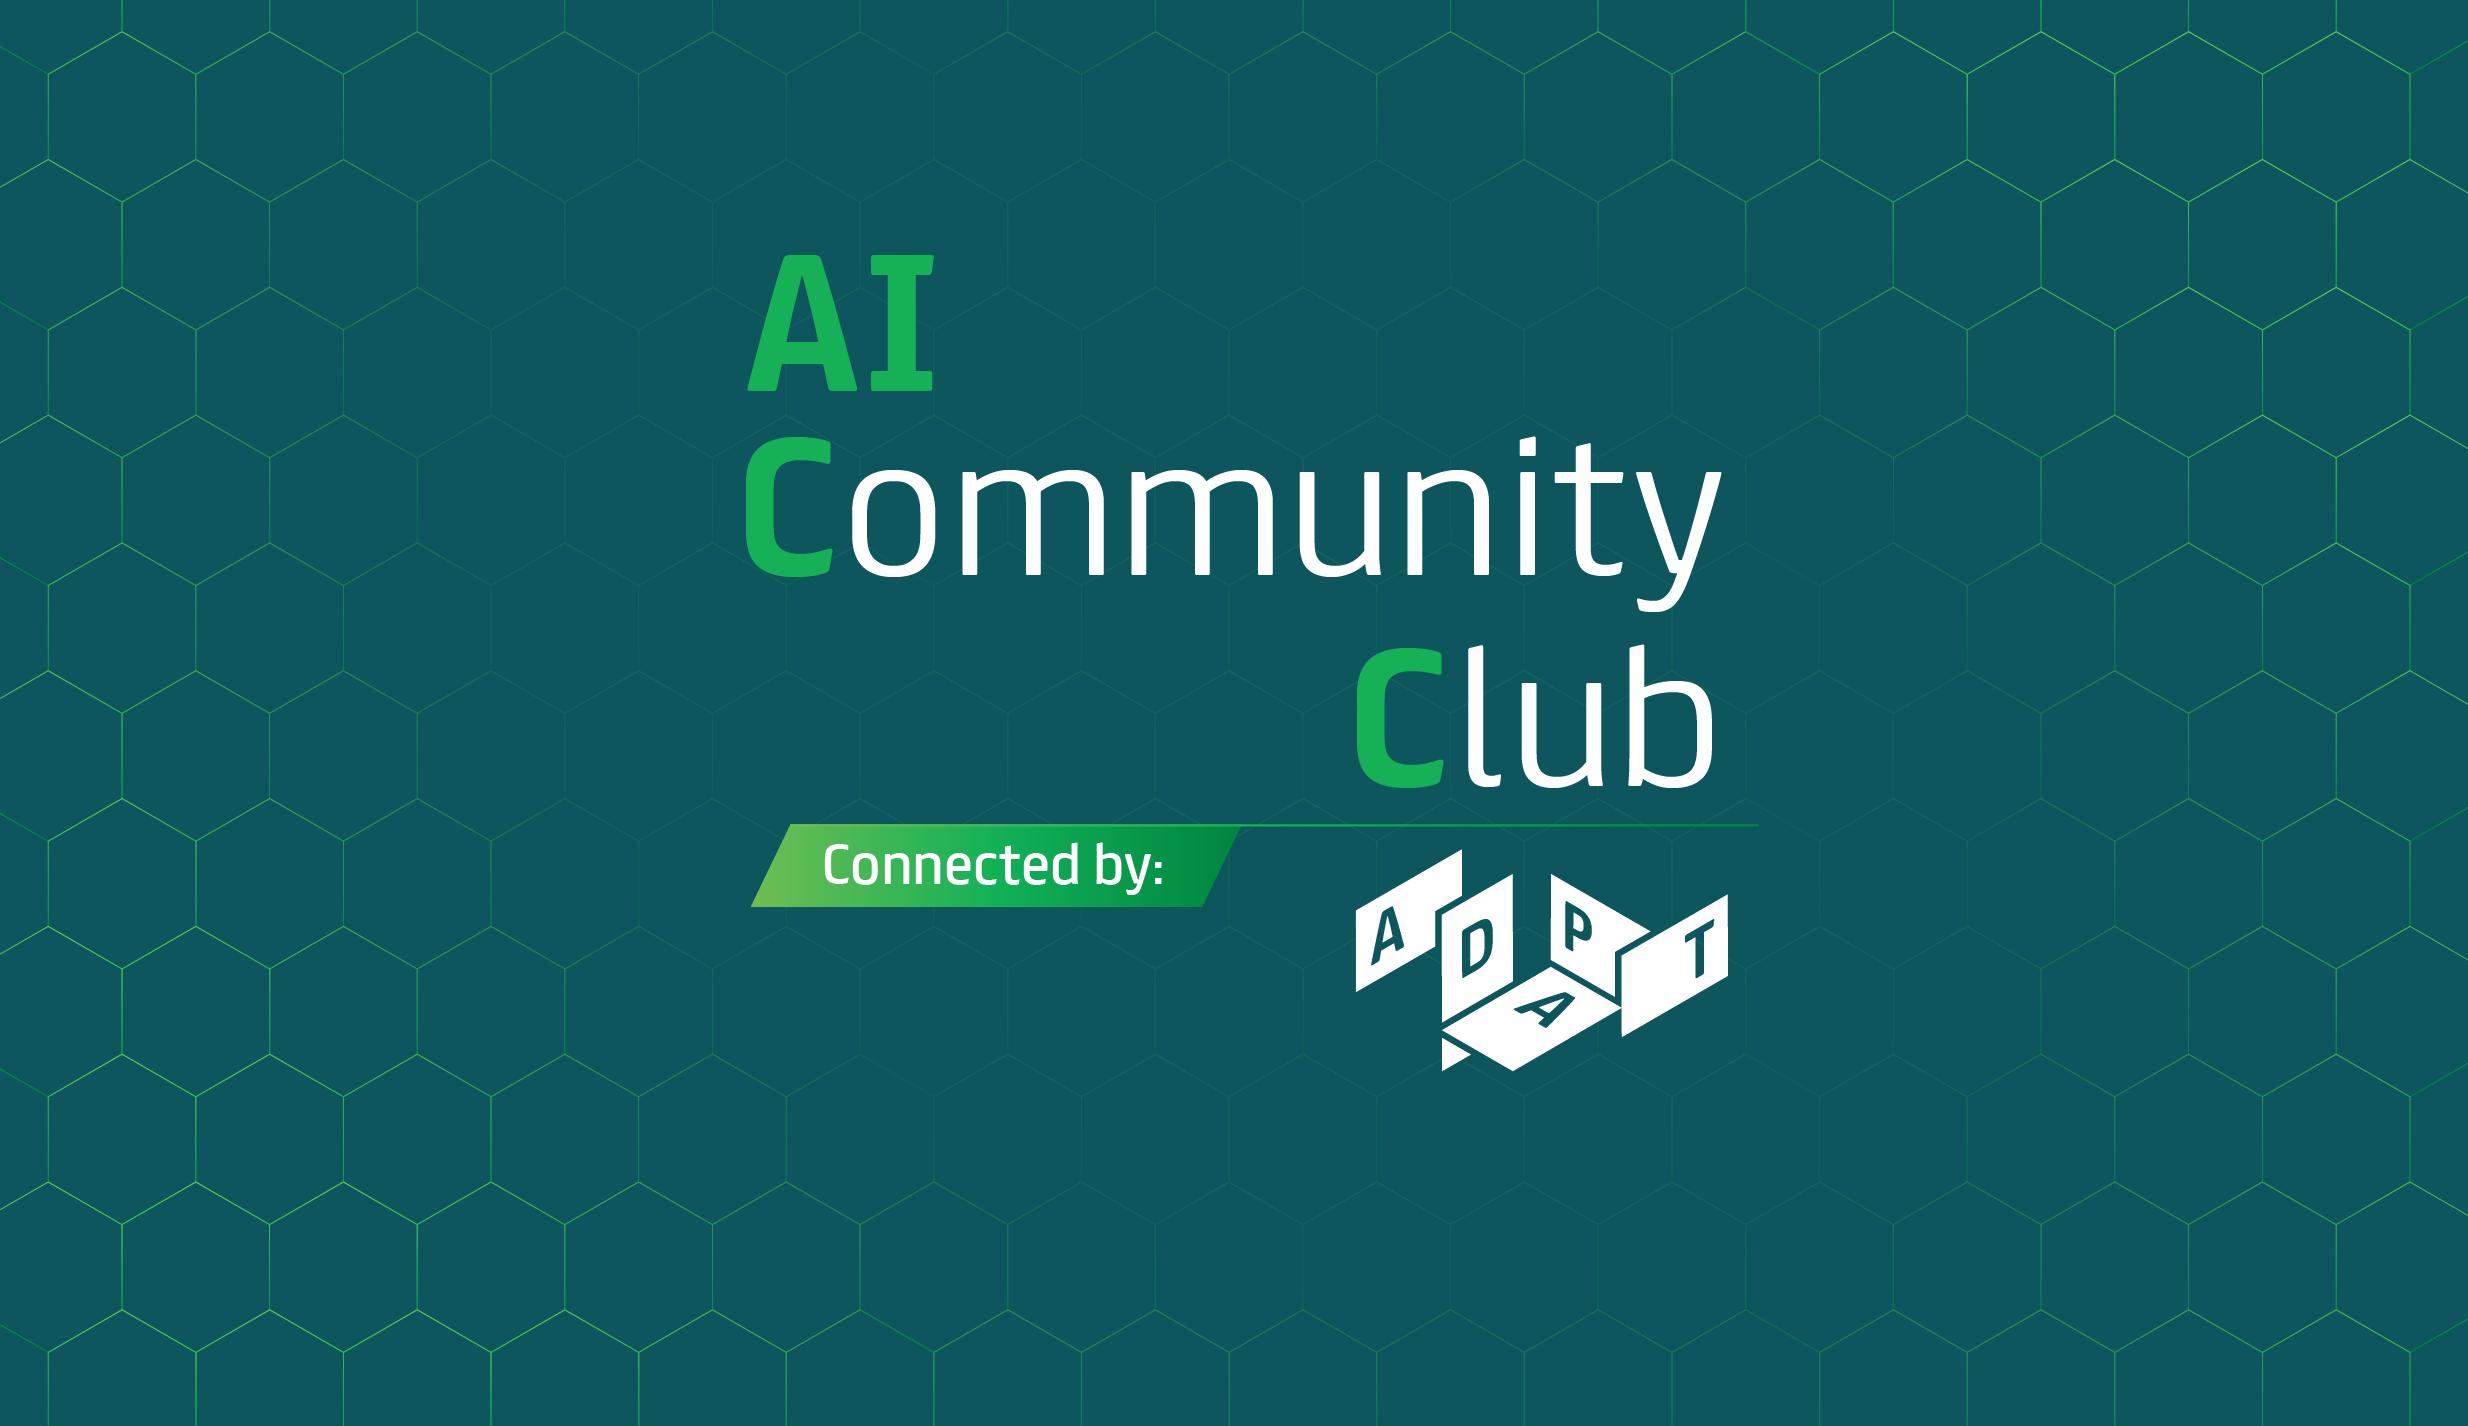 AI Community Club